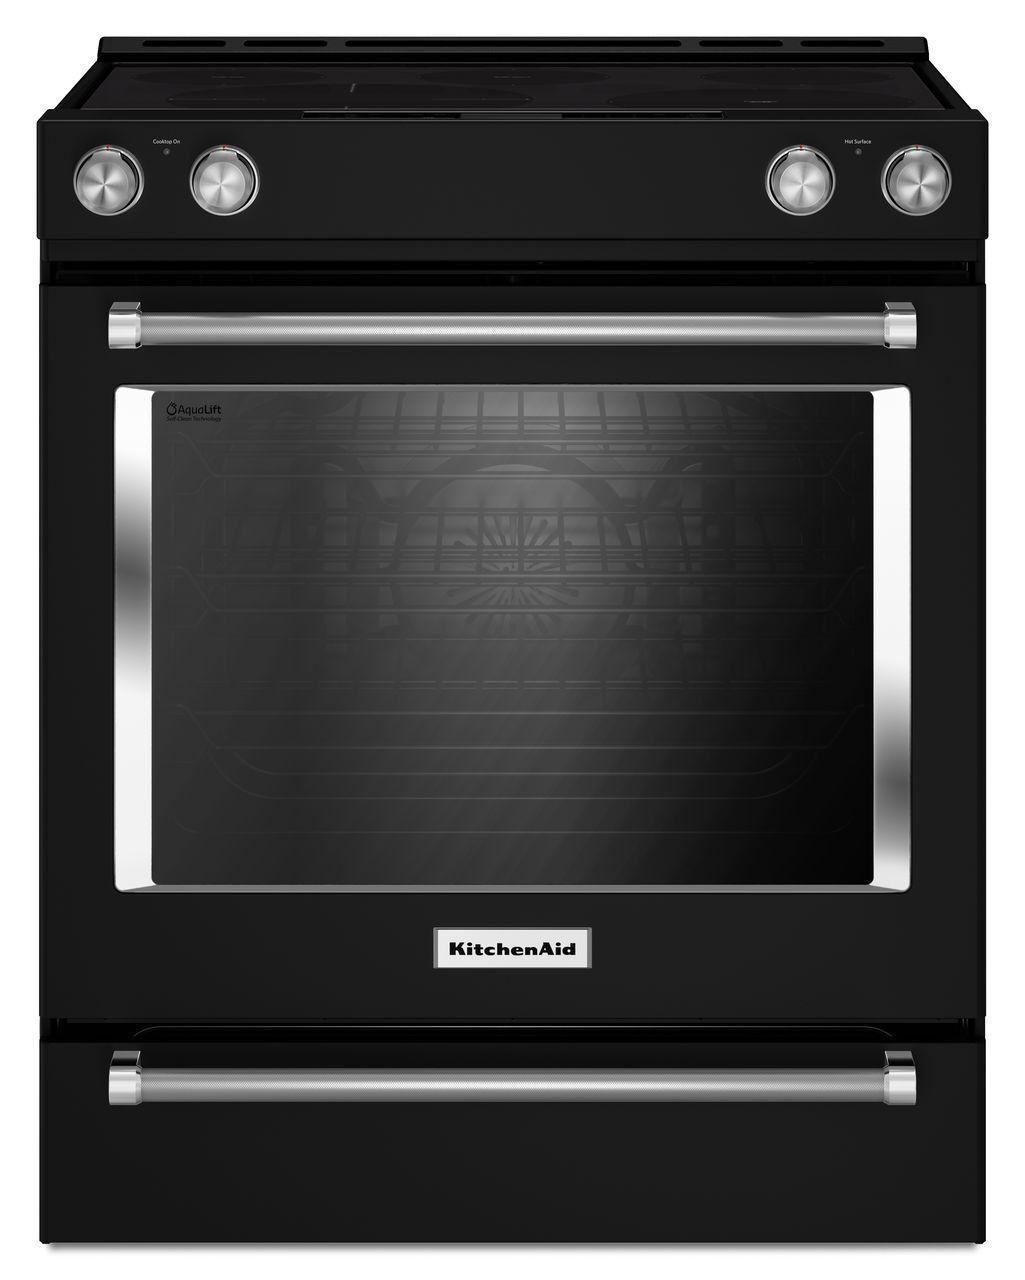 KitchenAid Range/Stove/Oven Model KSEB900EBL0 Parts